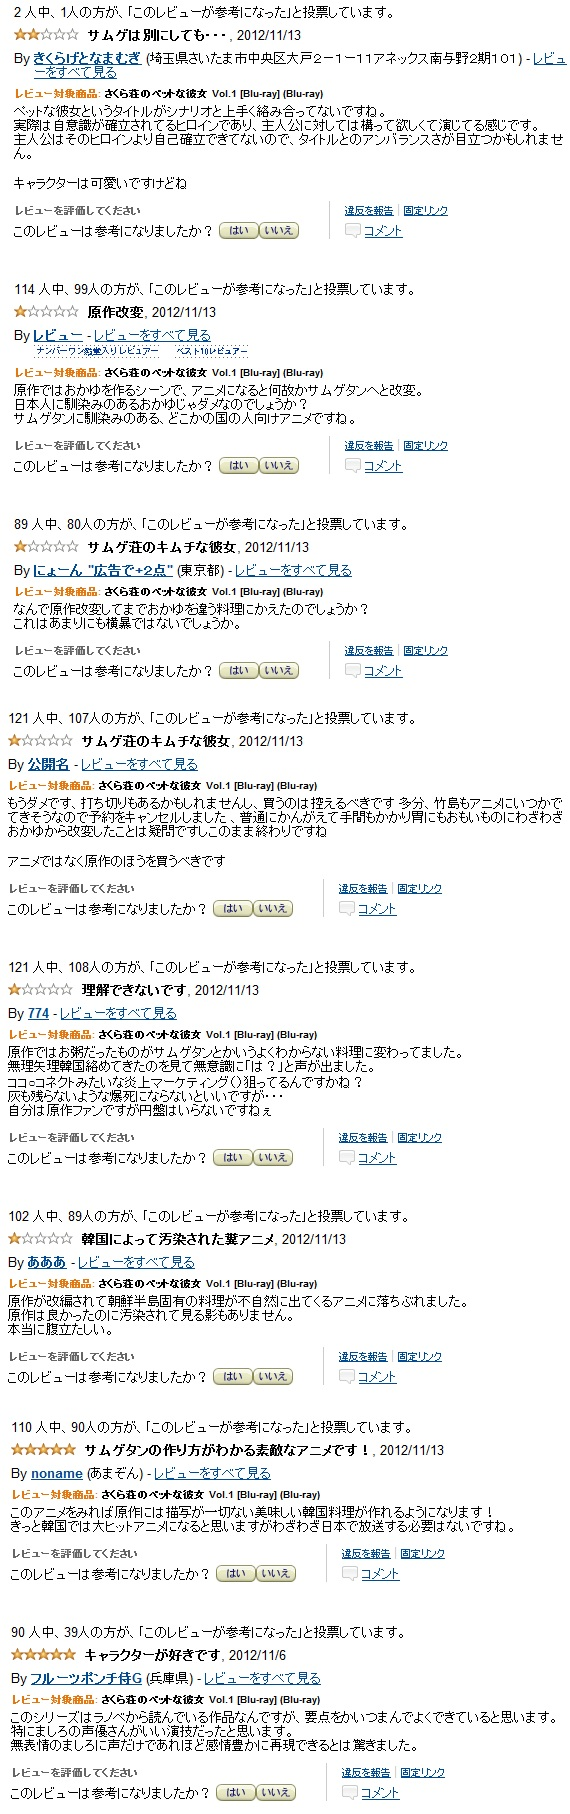 sakura2012111402.jpg